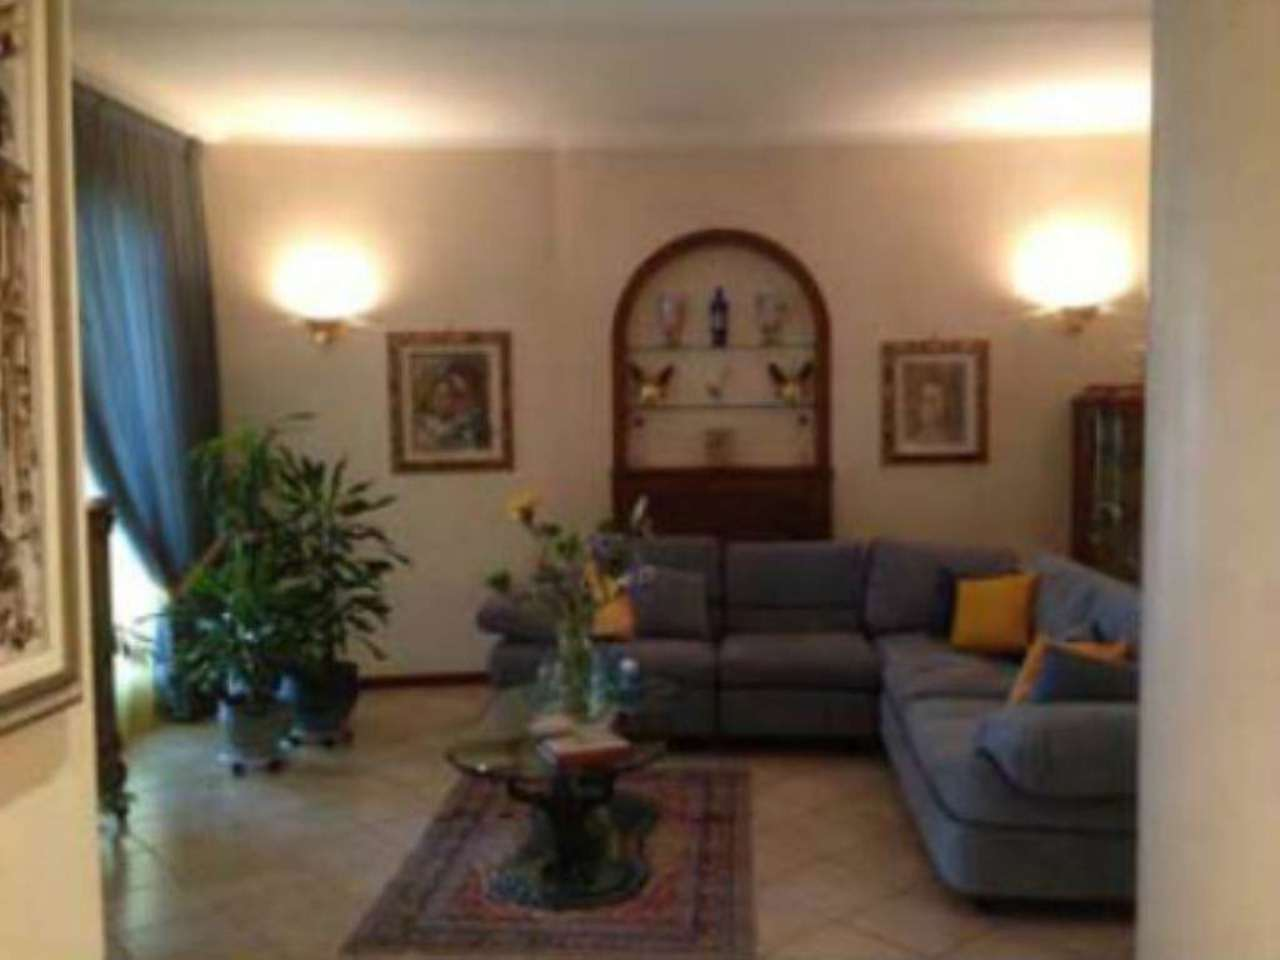 Villa in vendita a Monza, 10 locali, zona Zona: 6 . Triante, San Fruttuoso, Taccona, Trattative riservate | Cambiocasa.it